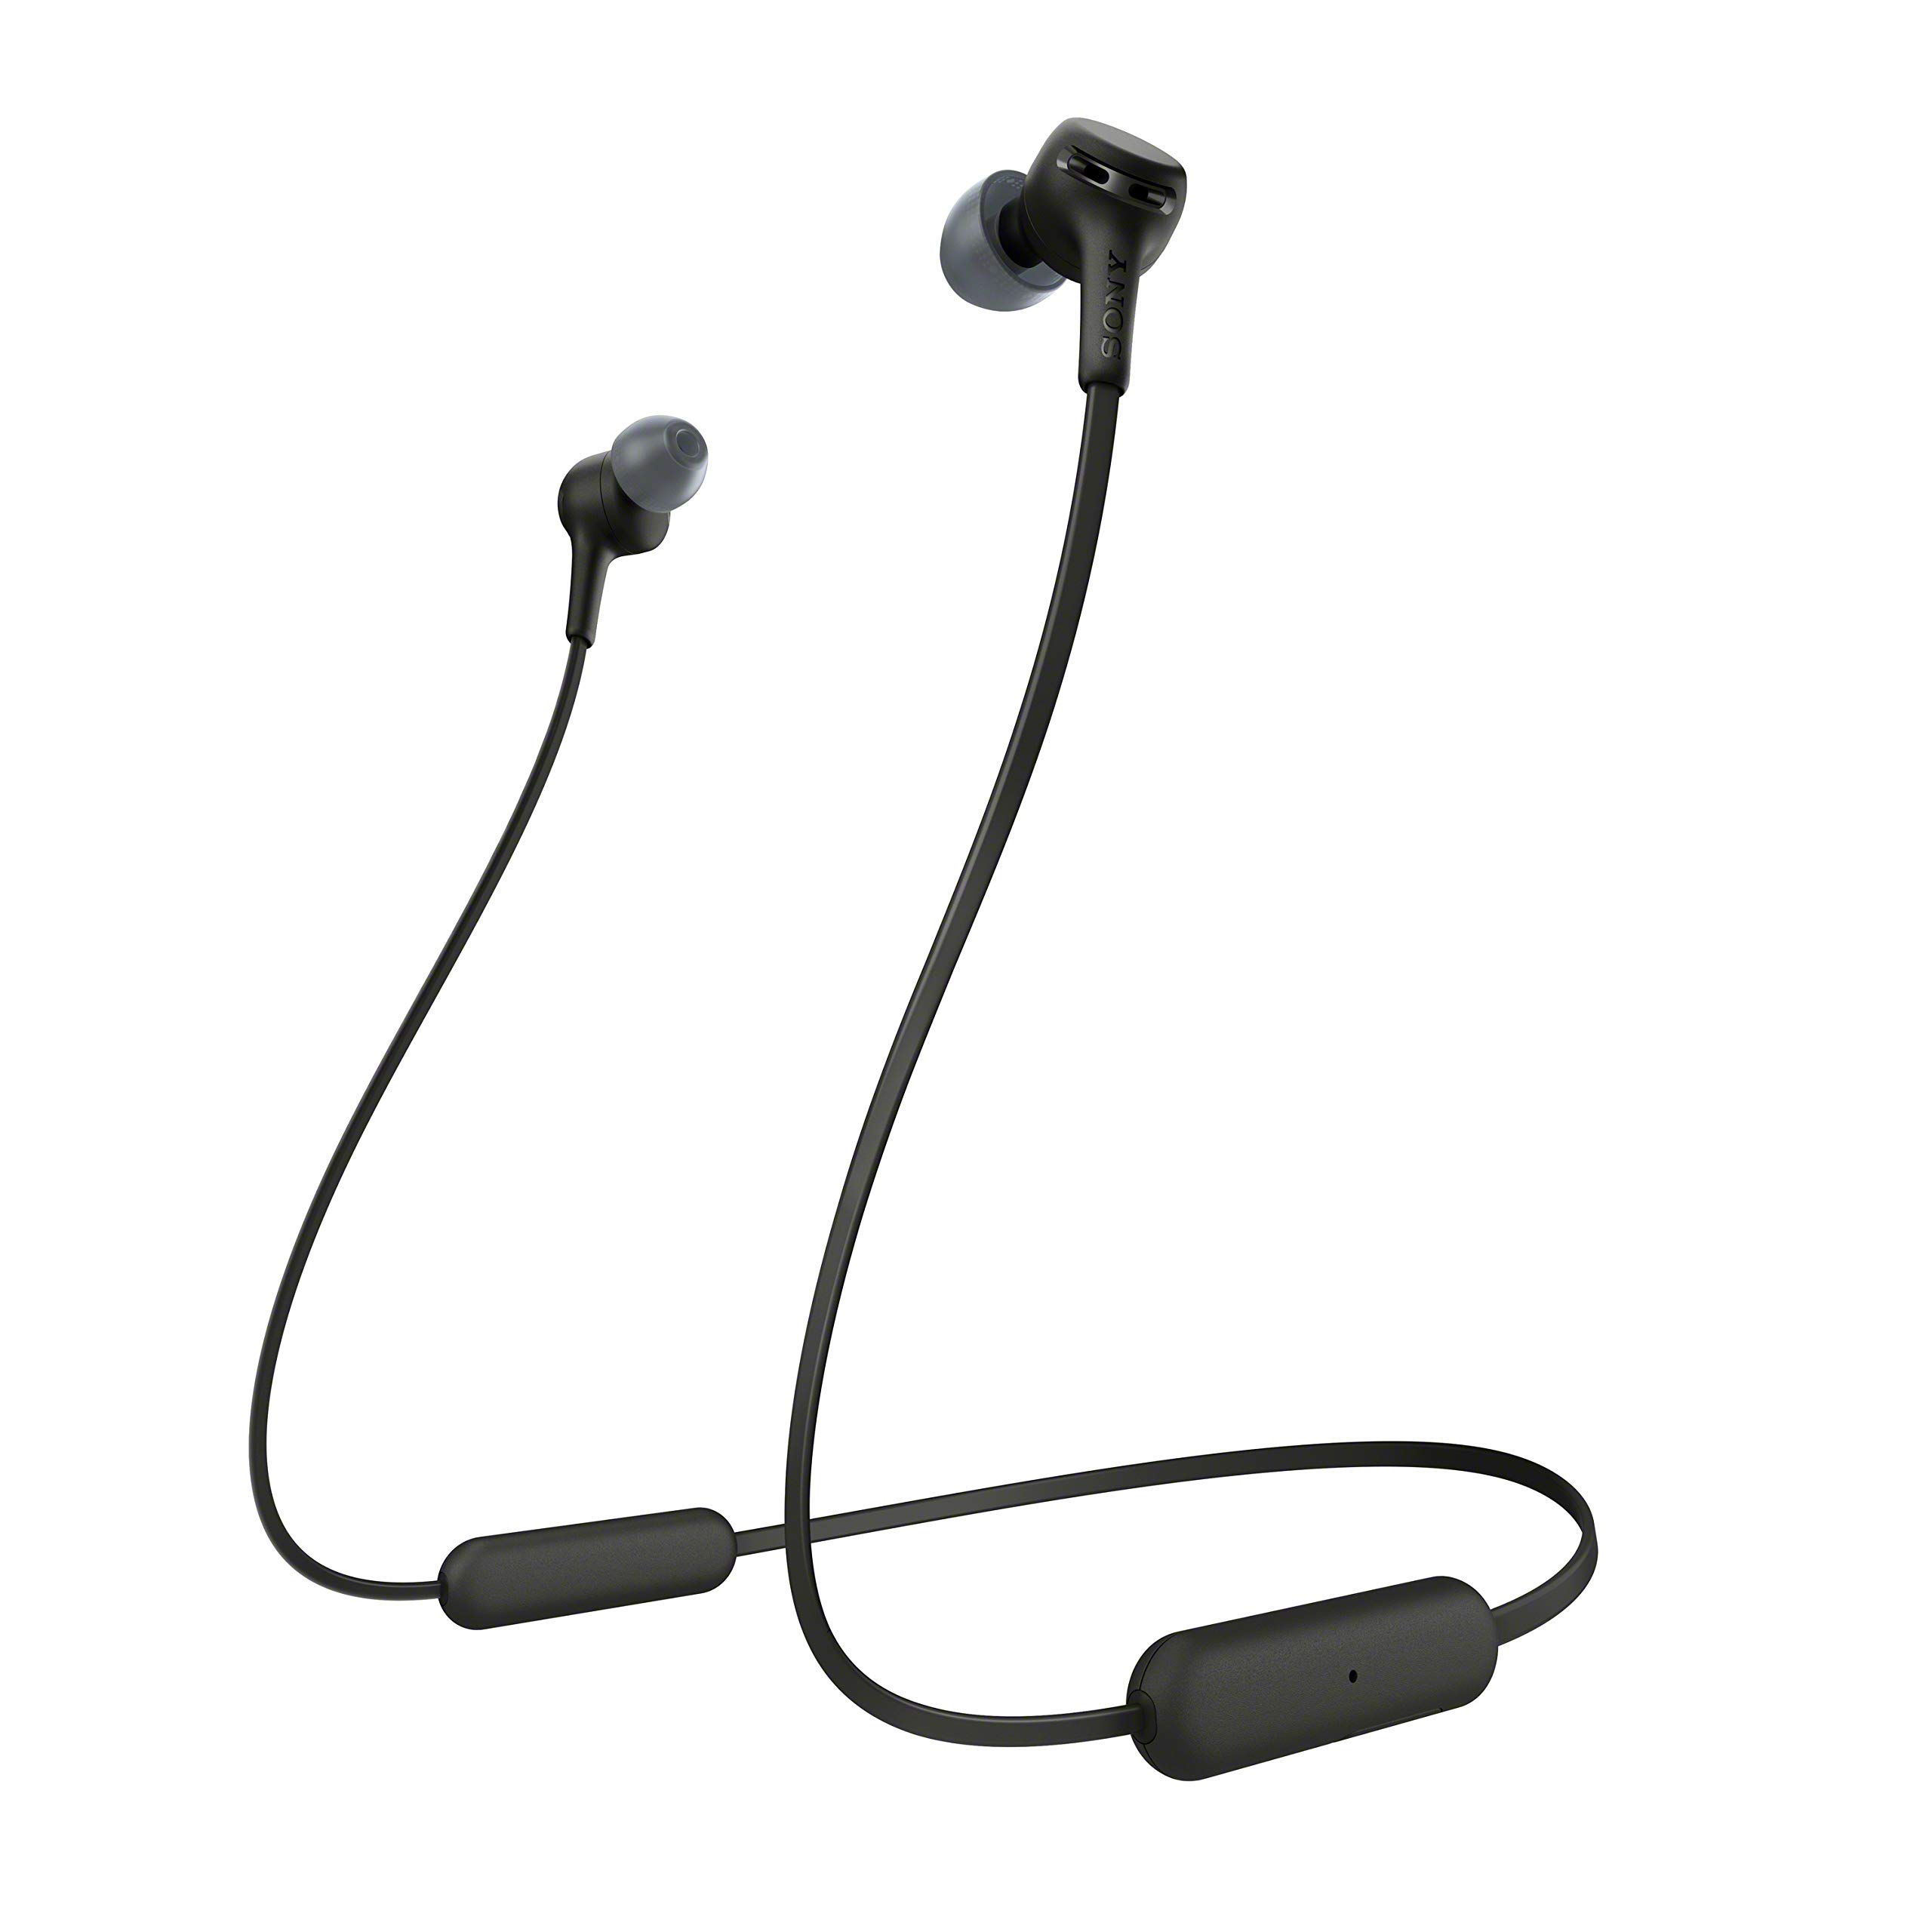 Sony Wi Xb400 Wireless Headphones WIXB400